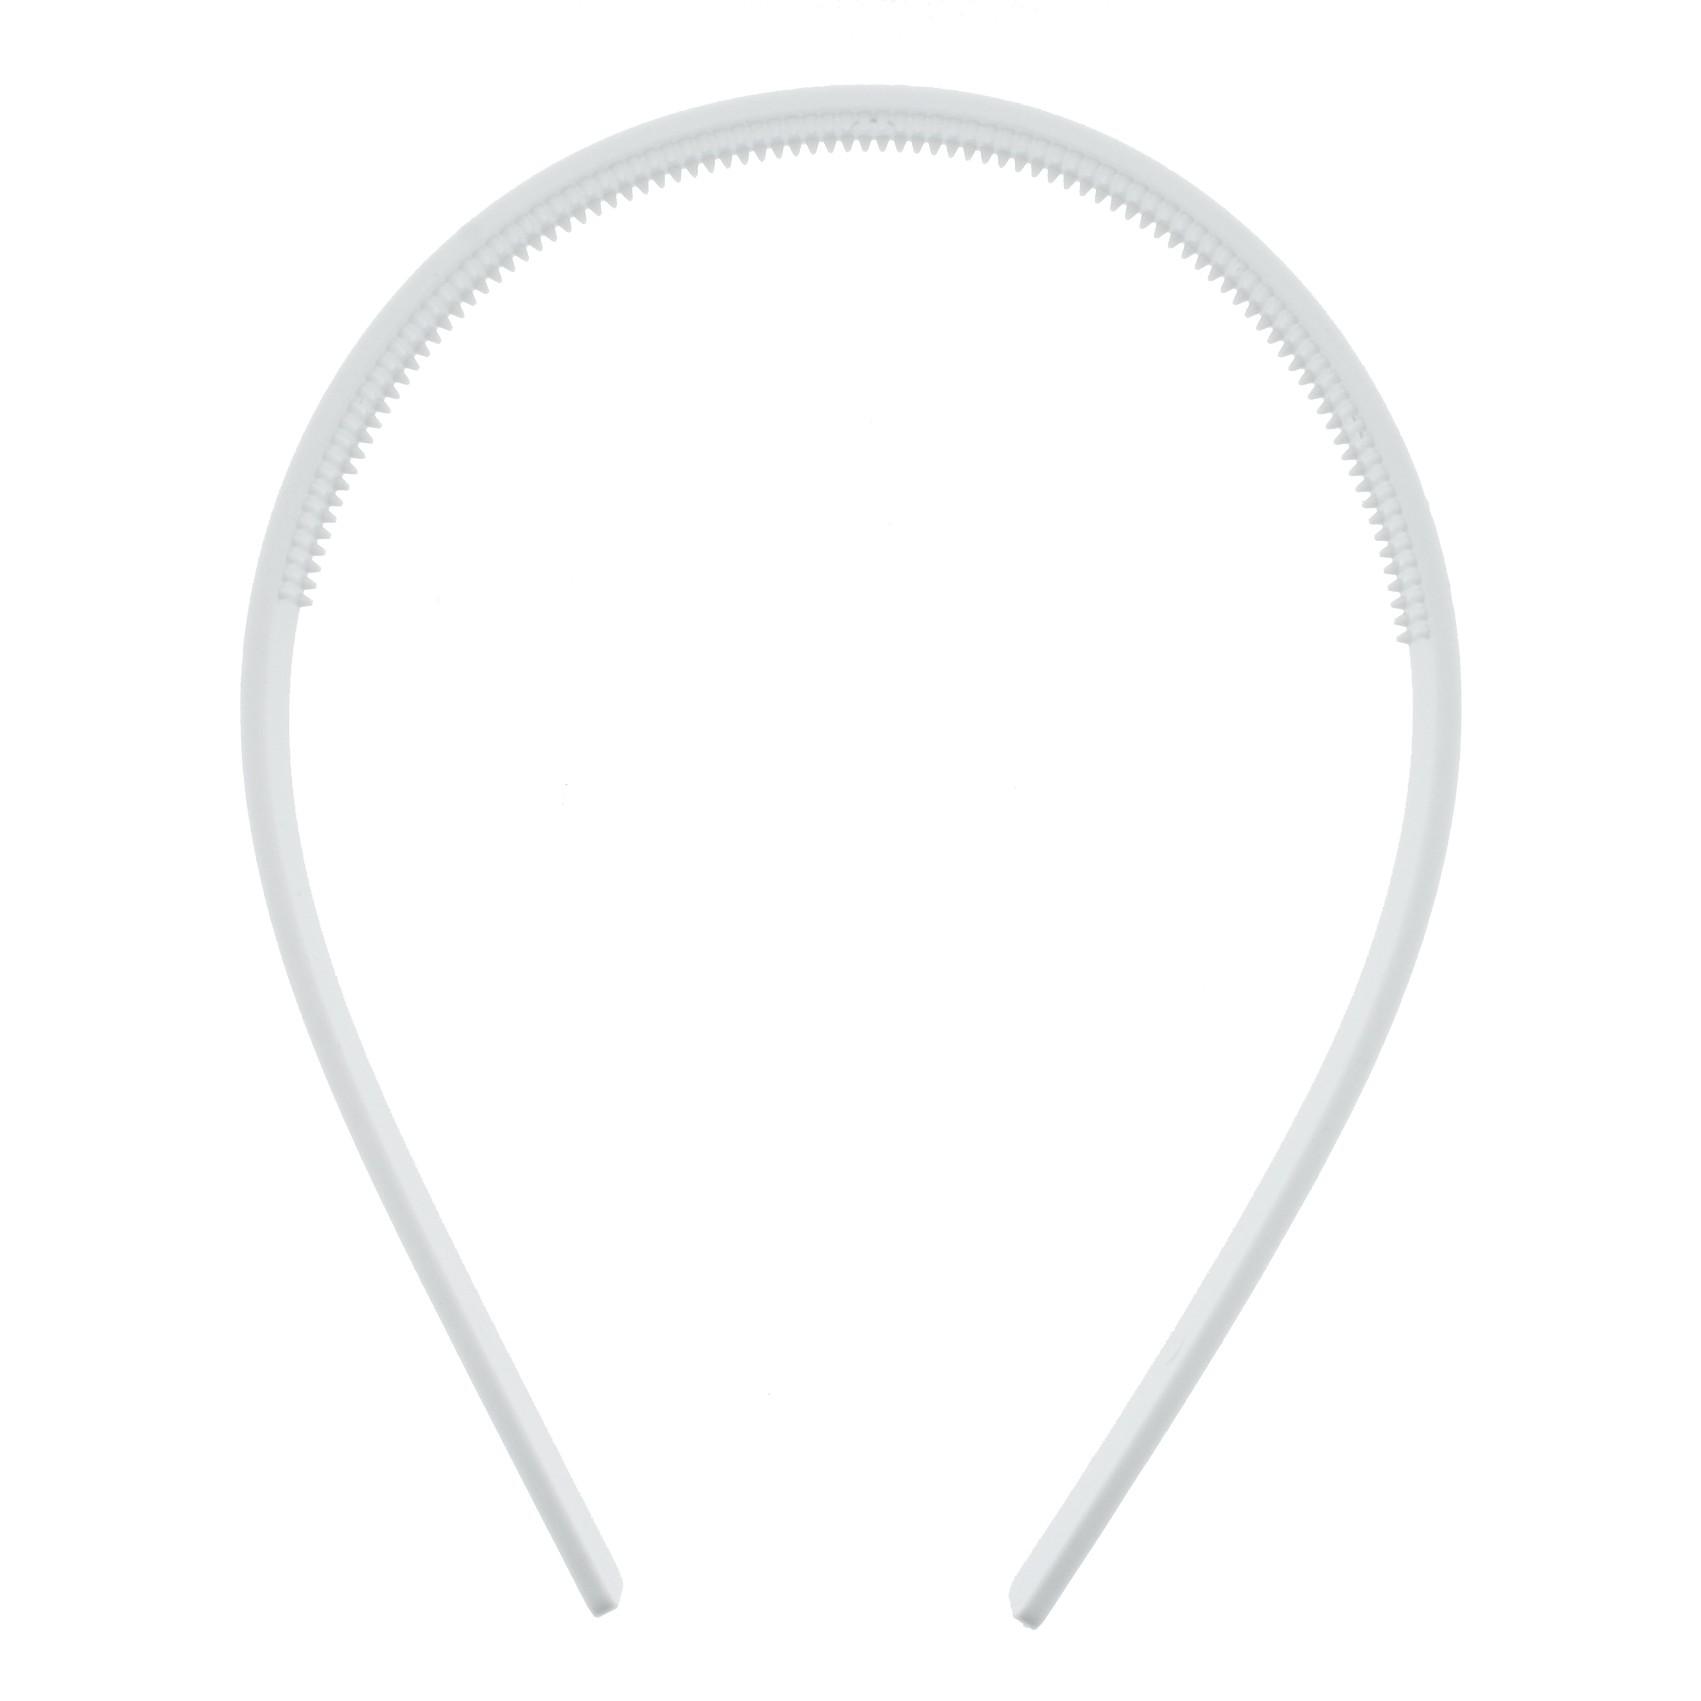 Tiara Plástica com Dentinhos - Branca - 10mm  - Stéphanie Bijoux® - Peças para Bijuterias e Artesanato